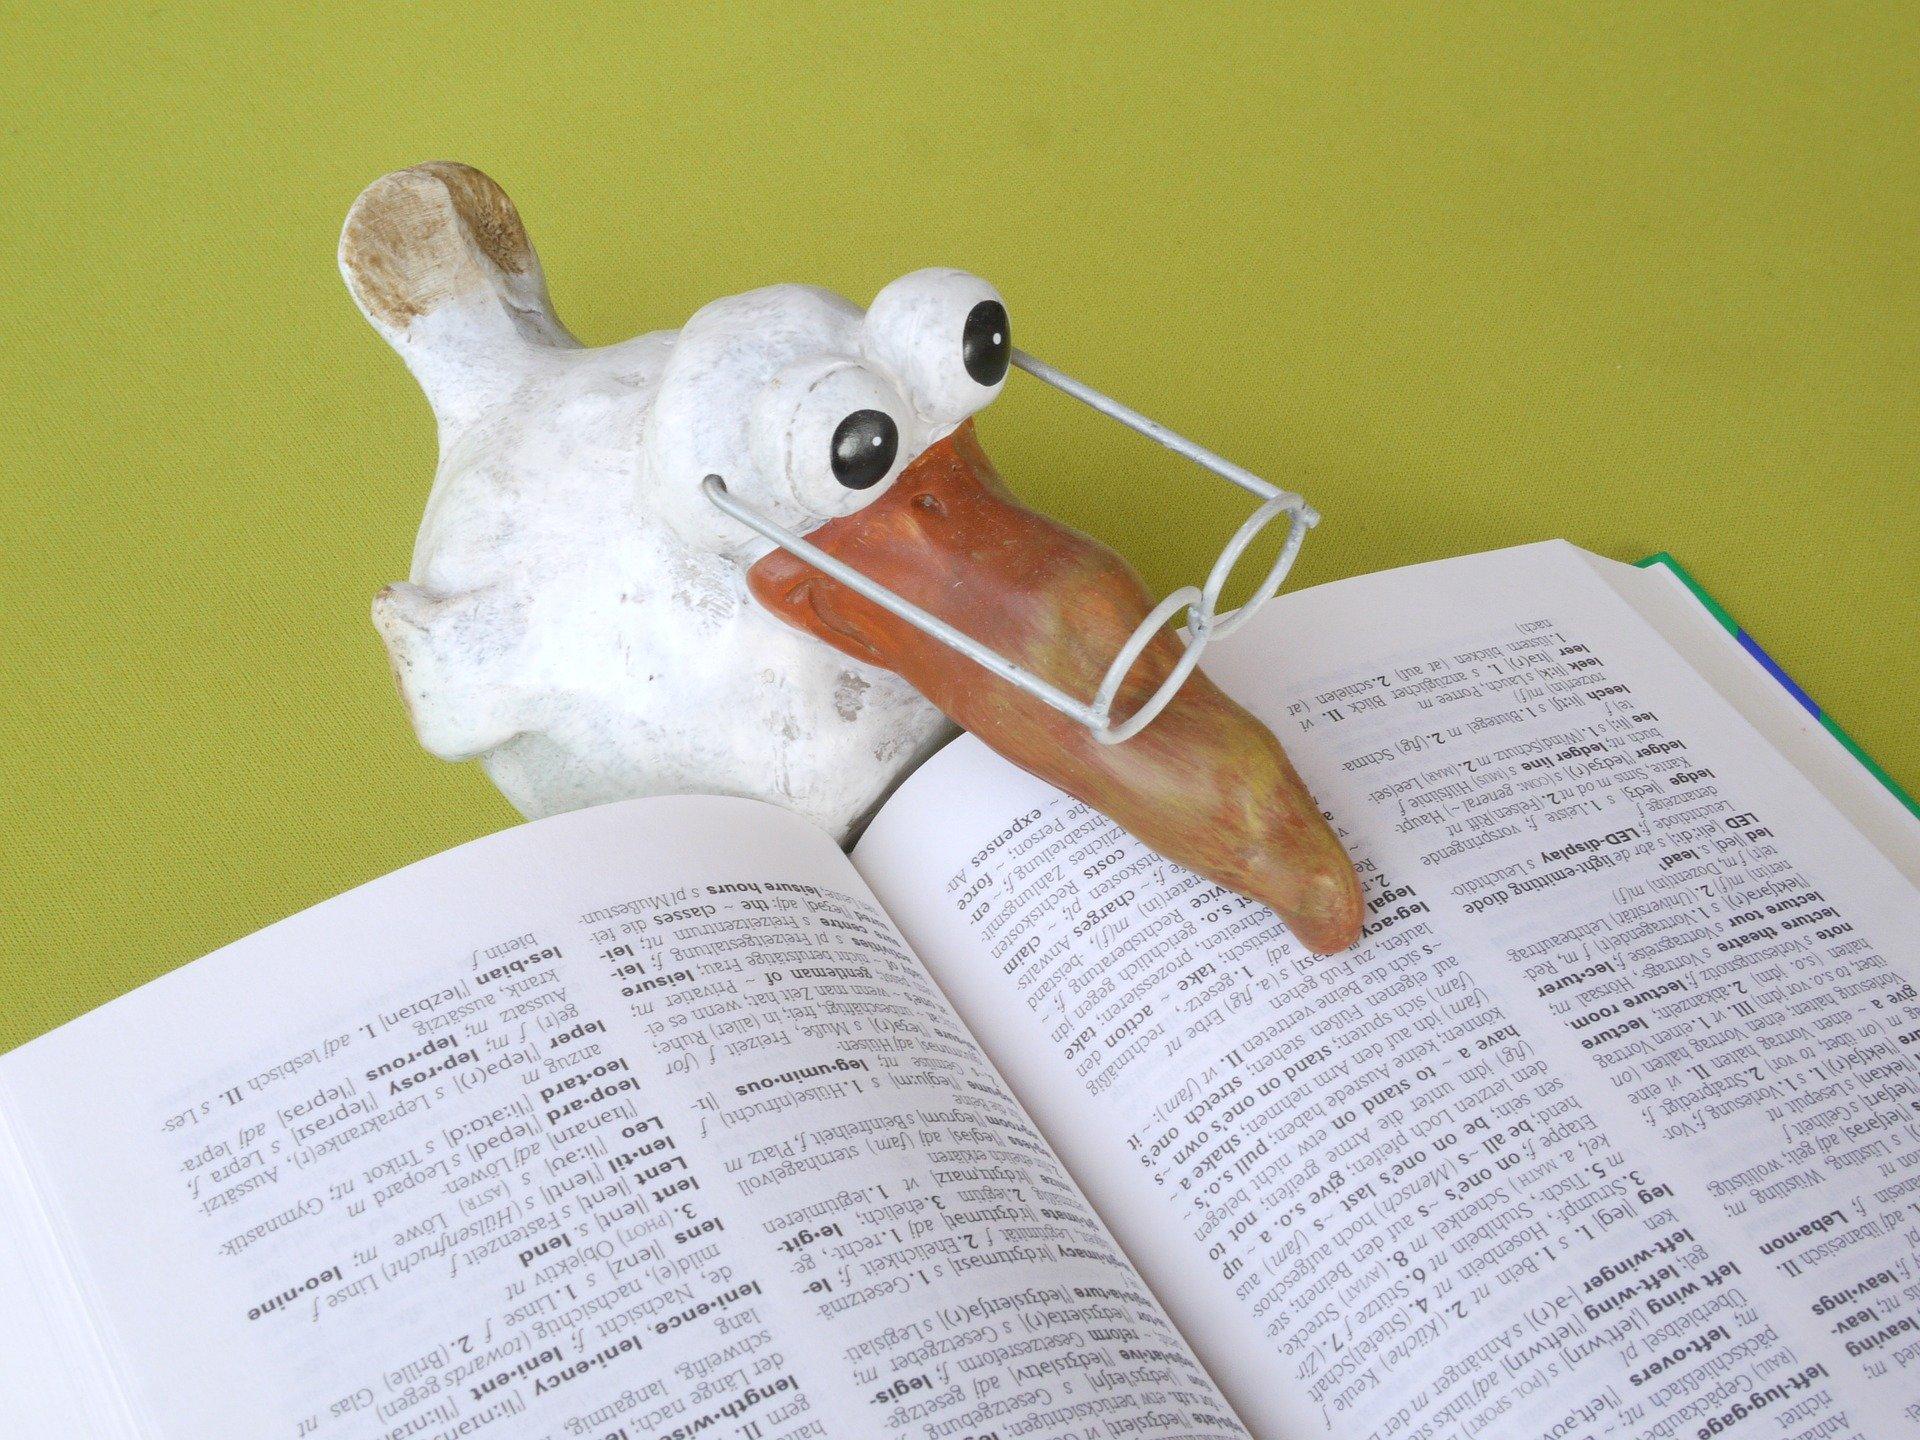 S pravopisem vám pomůže Internetová jazyková příručka!